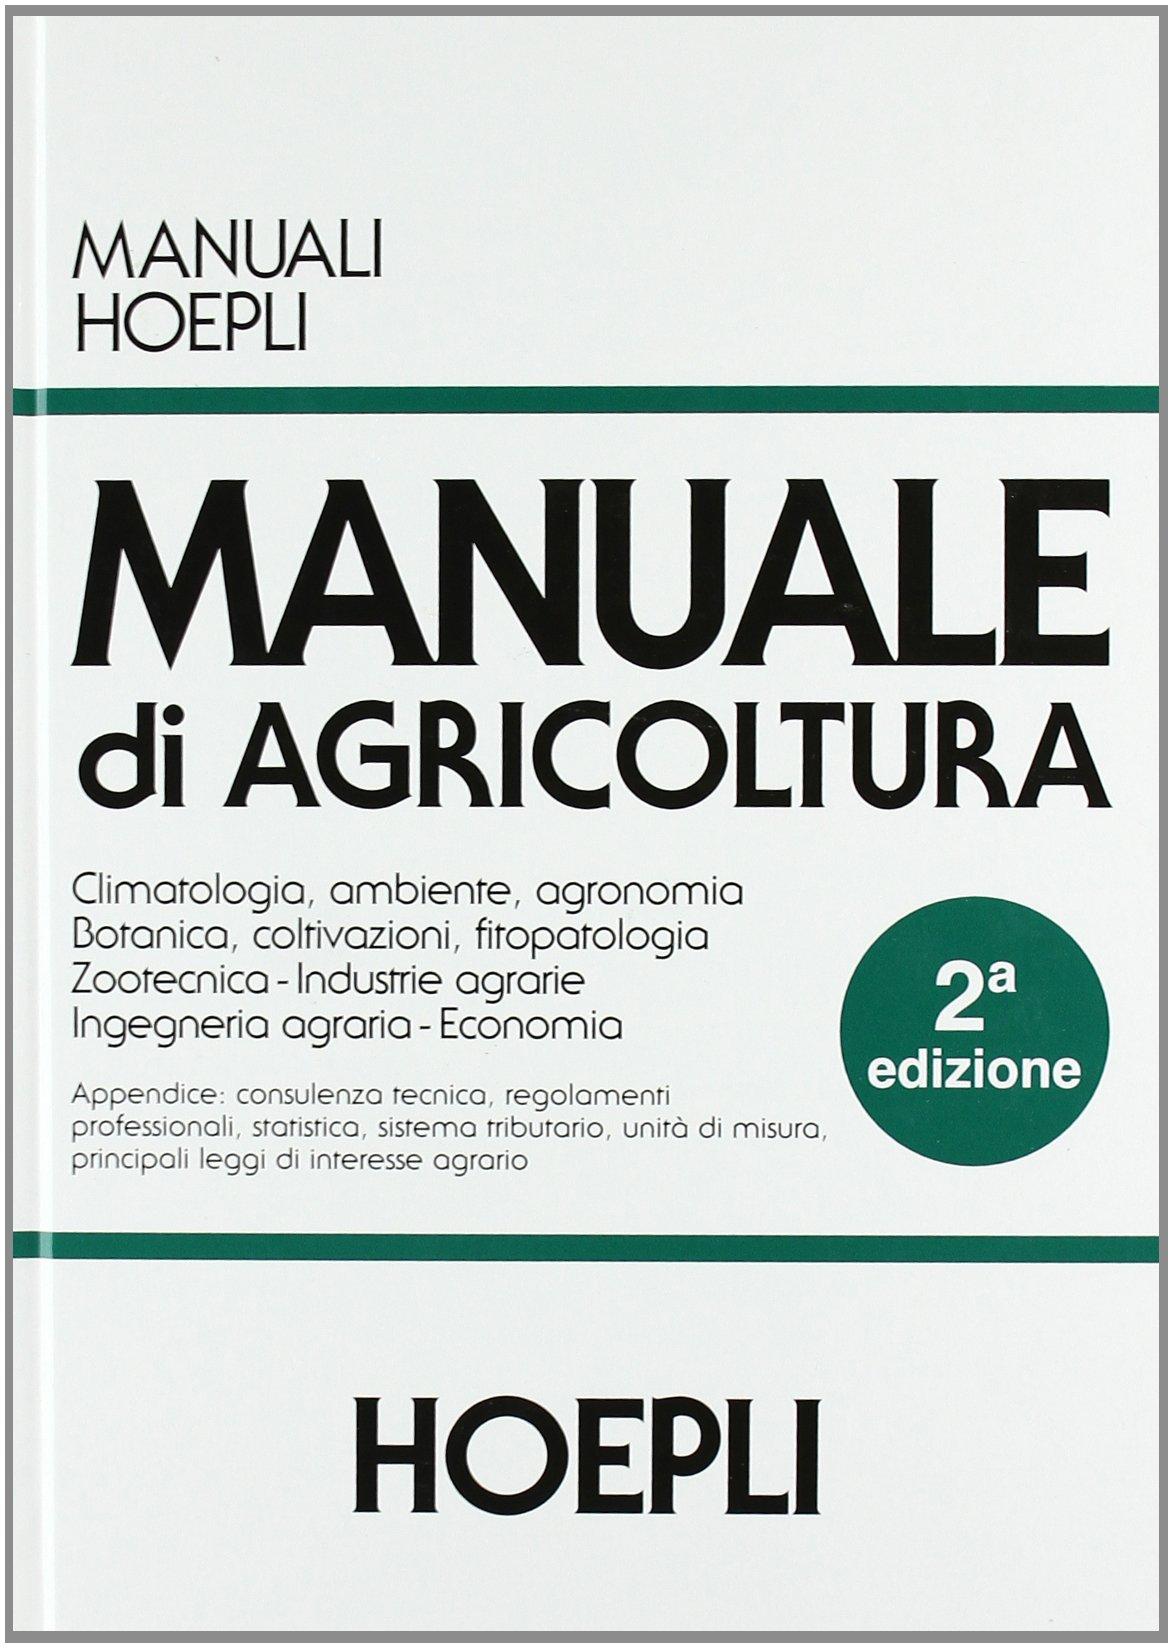 manuale di agricoltura per gli ist tecnici agrari amazon it u rh amazon it manuale dell'agronomo 2015 manuale dell'agronomo amazon